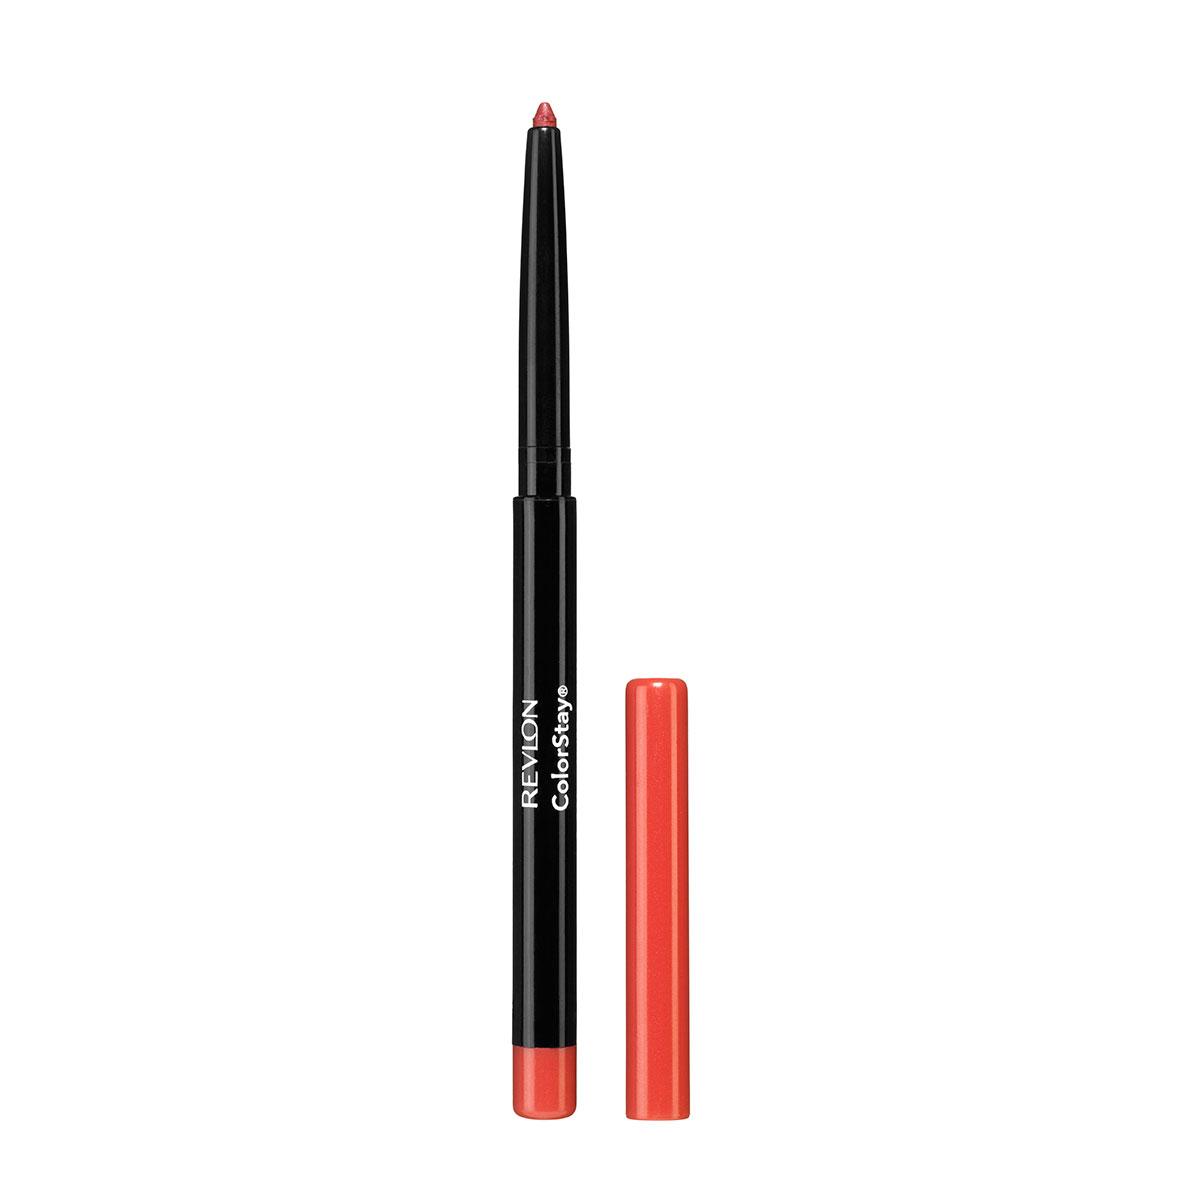 Revlon Карандаш для Губ Colorstay Lip Liner Pink 10 5 г7212706010Контурный карандаш для губ ColorStay создан на основе уникальной технологии SoftFlex, которая предупреждает растекание или смазывание губной помады. Карандаш обладает мягкой текстурой и позволяет быстро прорисовать желаемый контур. В корпусе карандаша встроена точилка.